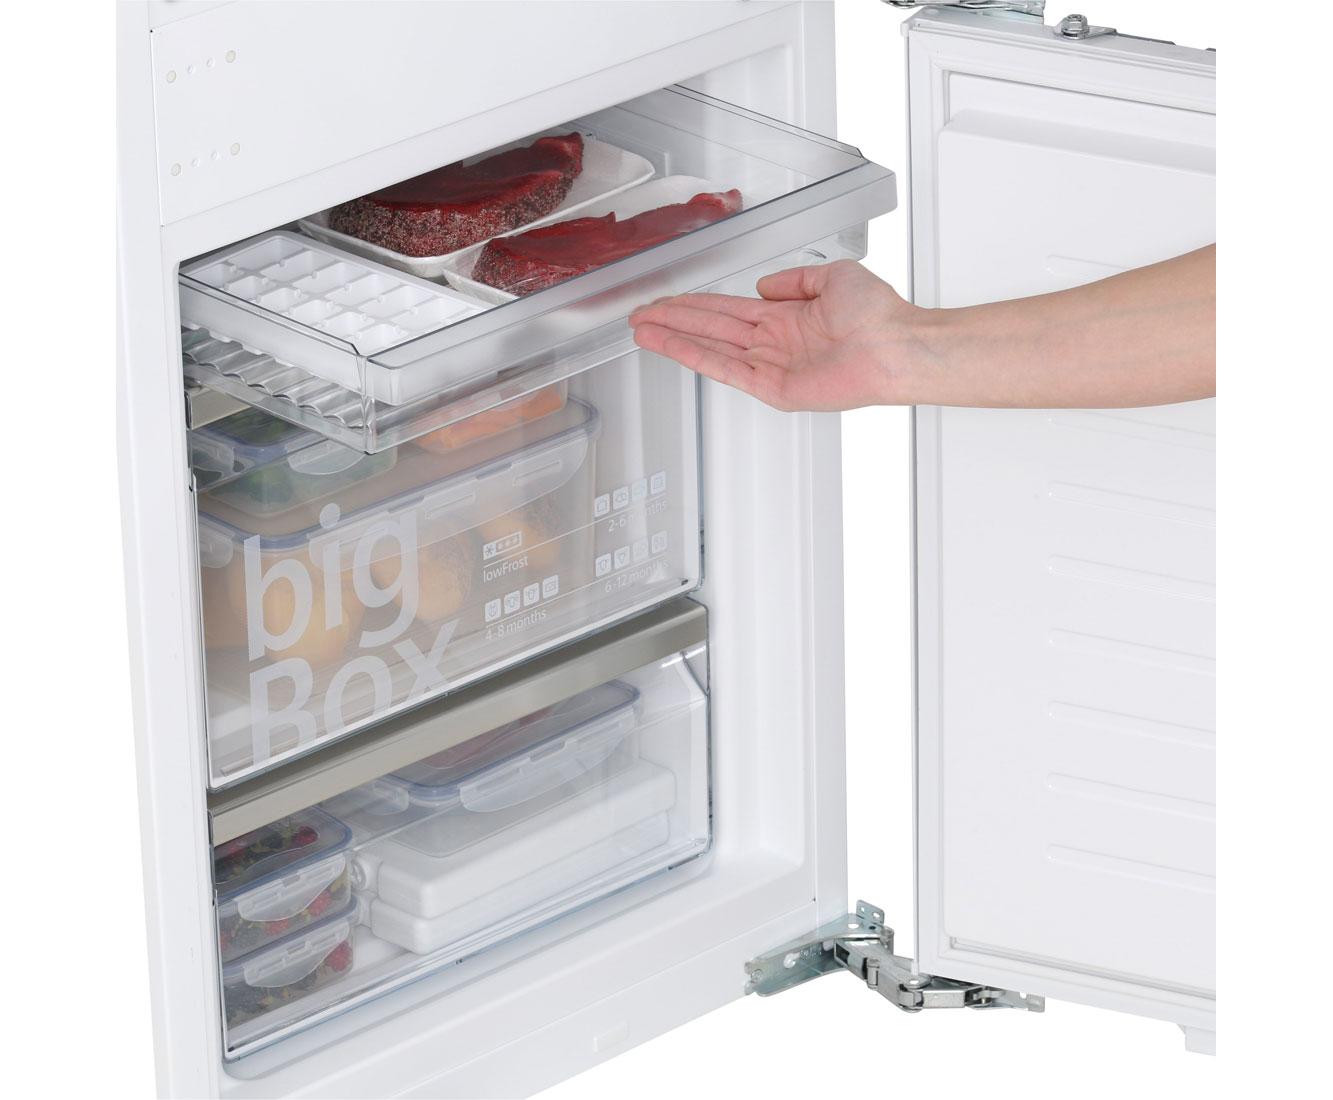 Siemens Kühlschrank Holiday Funktion : Siemens iq ki sad einbau kühl gefrierkombination er